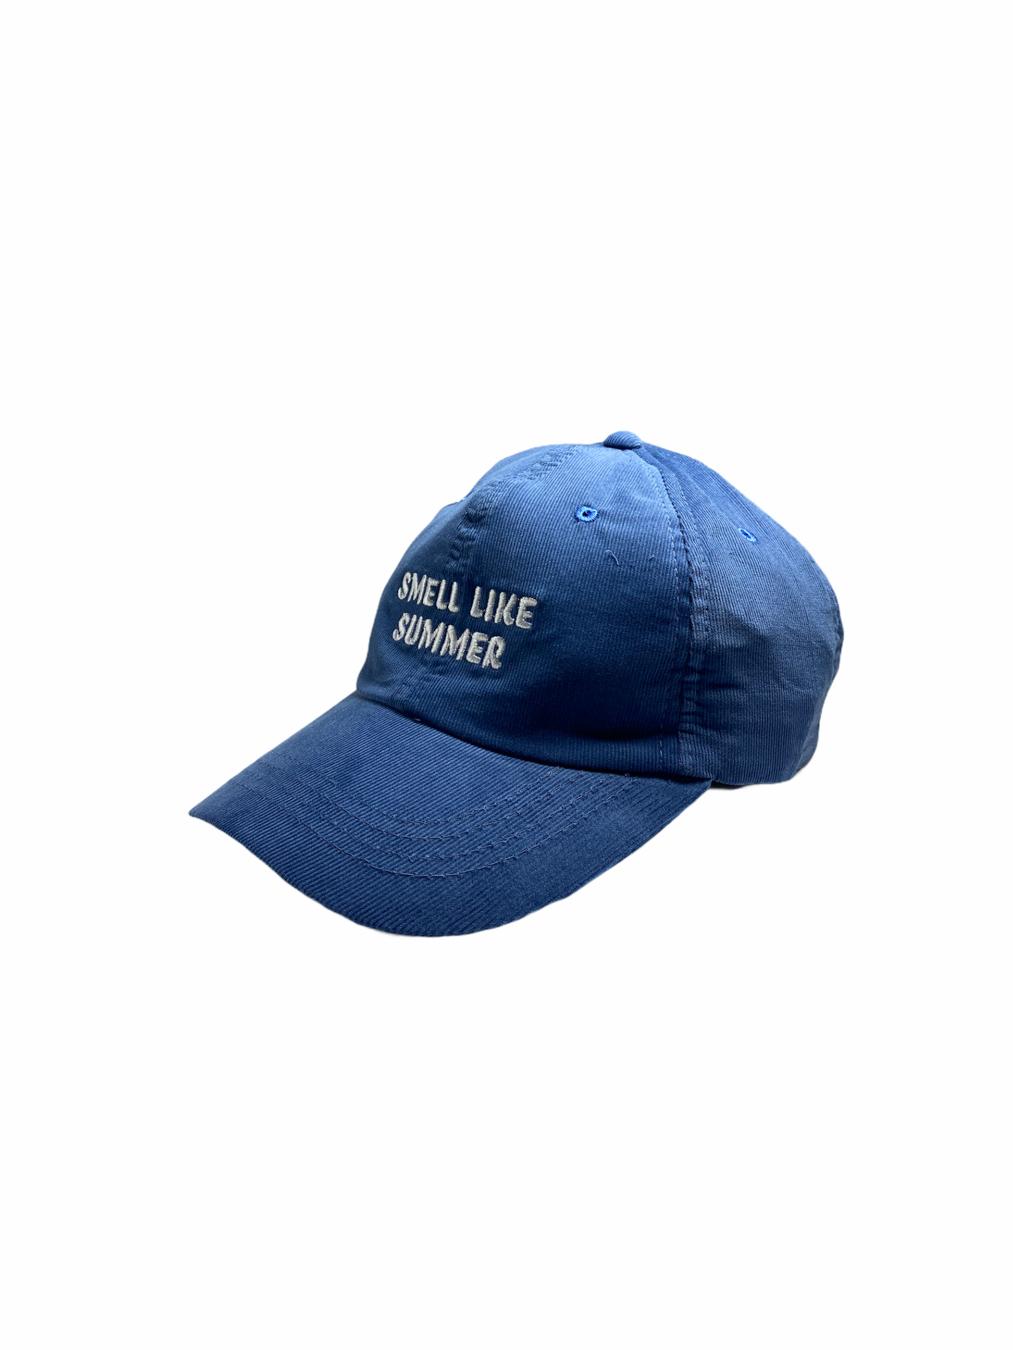 Summer Cap (Denim)